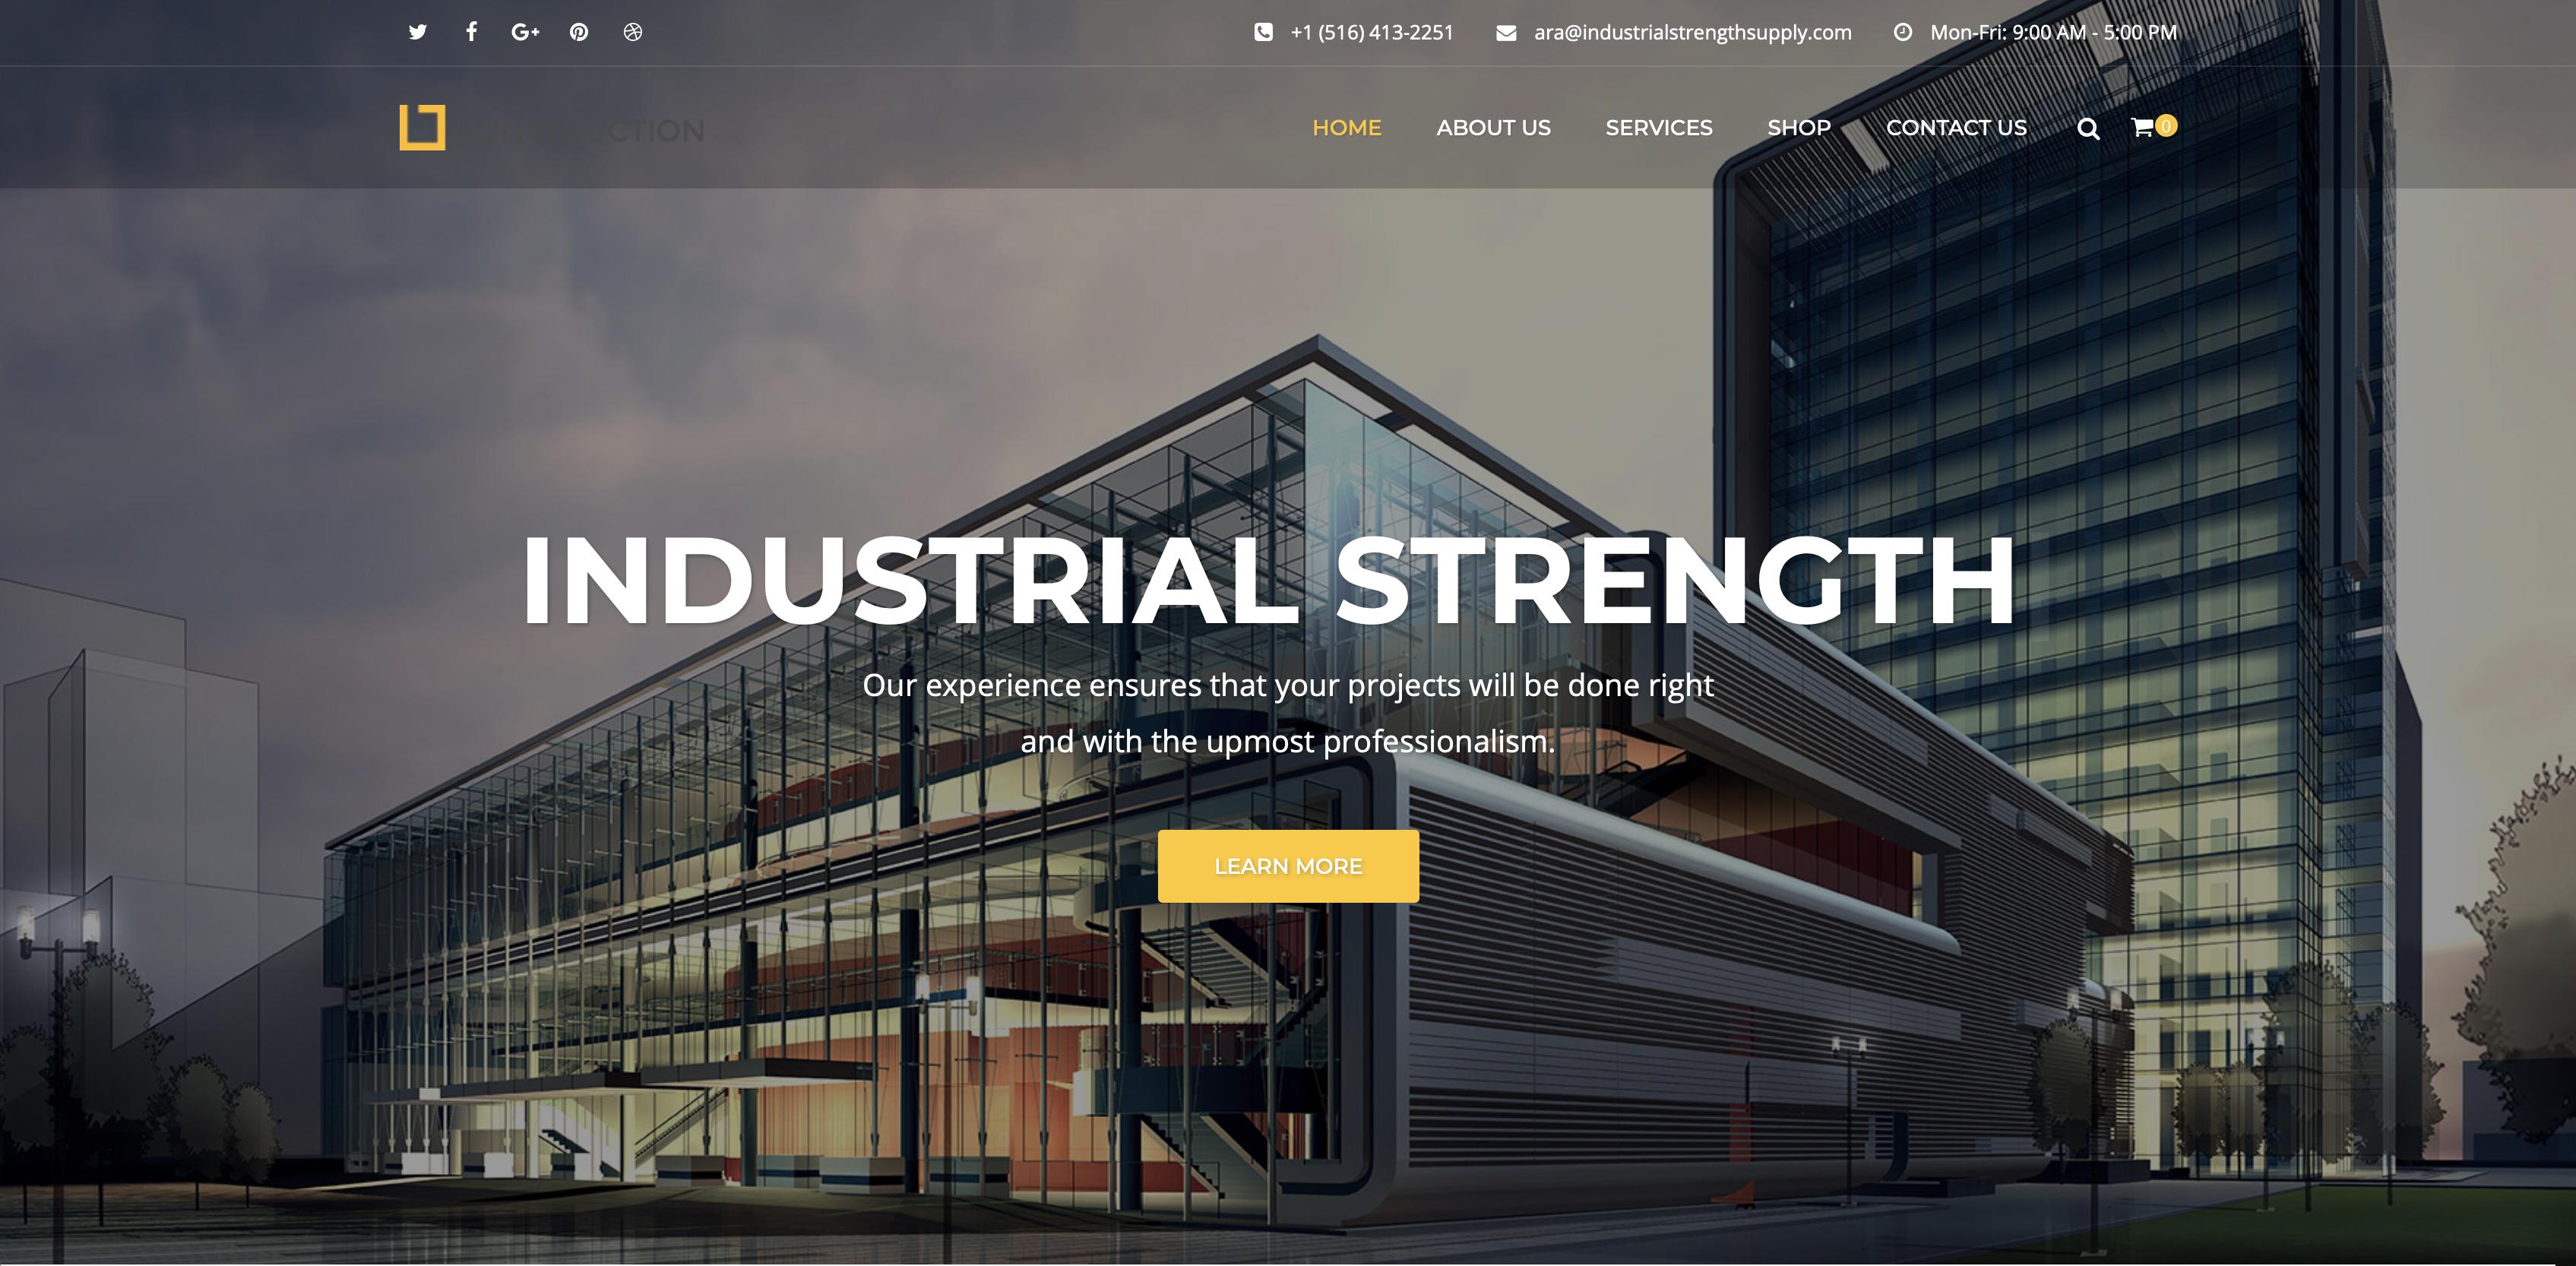 IndustrialStrengthSupply.com